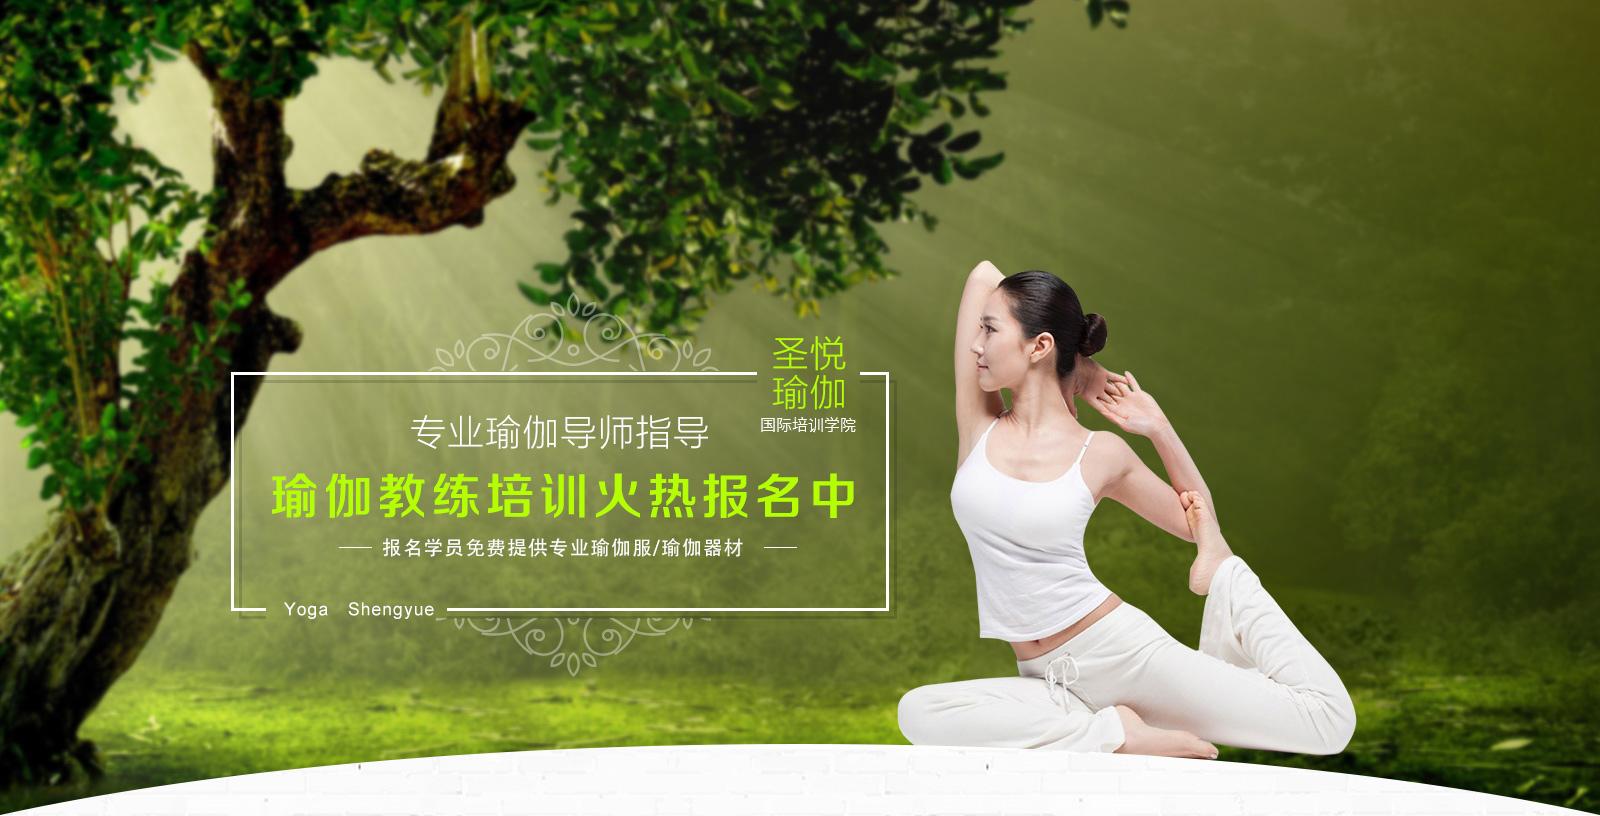 重庆瑜伽教练培训